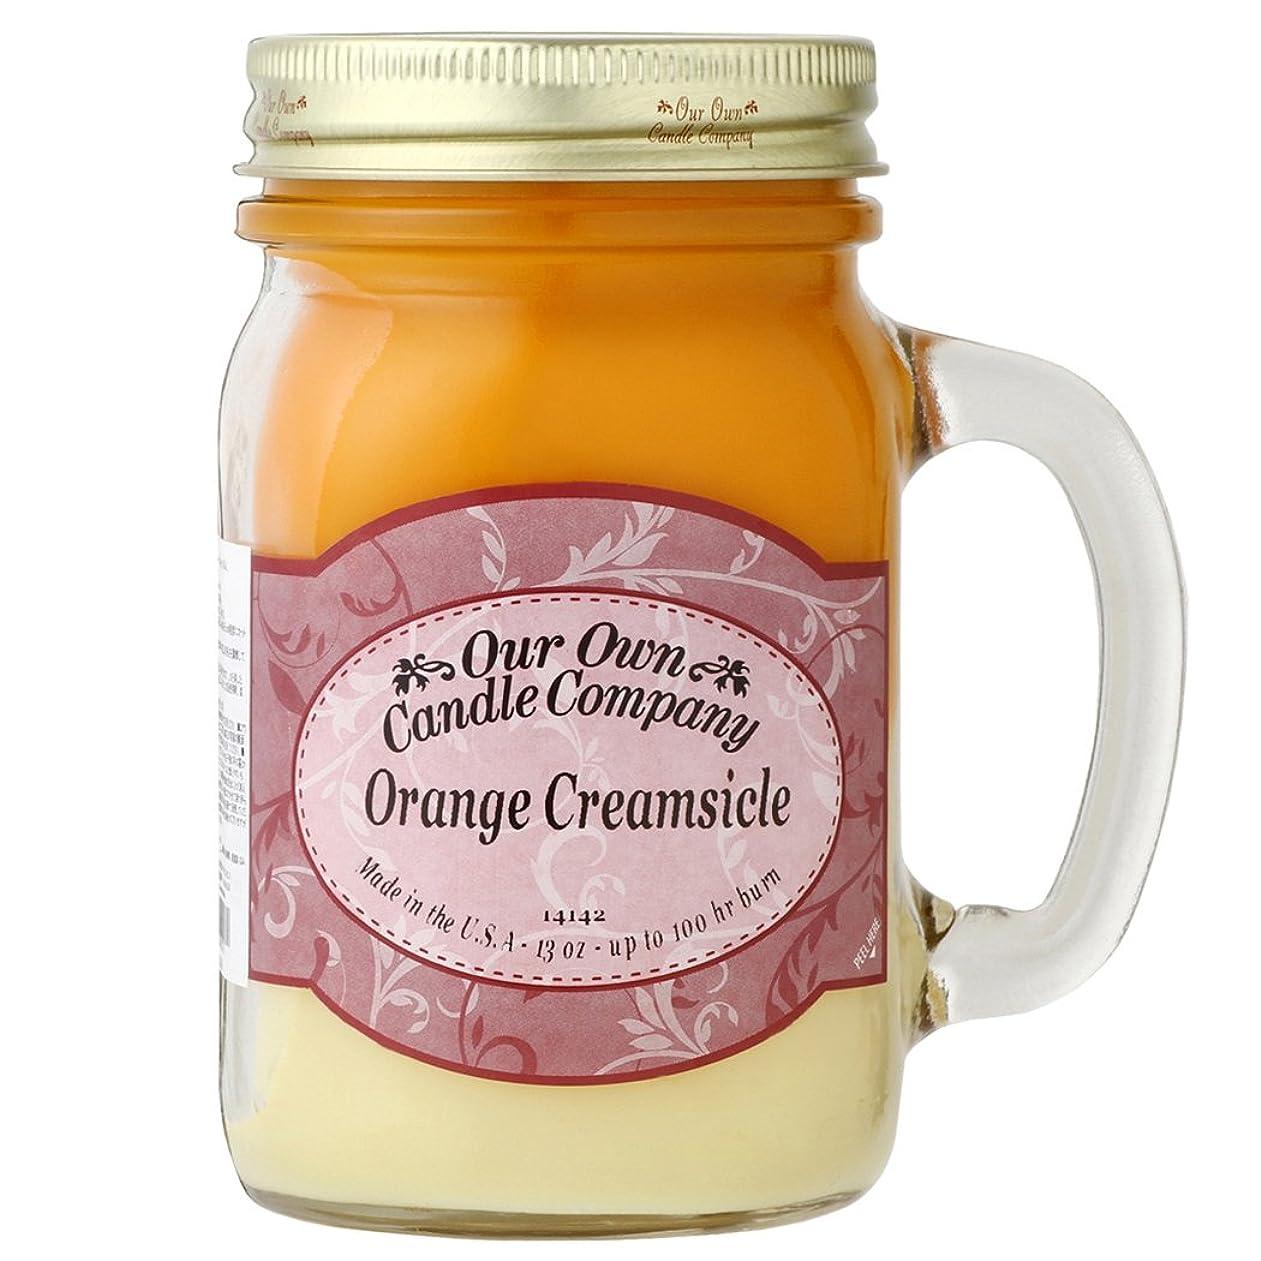 中世の香水アプトOur Own Candle Company メイソンジャーキャンドル ラージサイズ オレンジクリームシルク OU100085